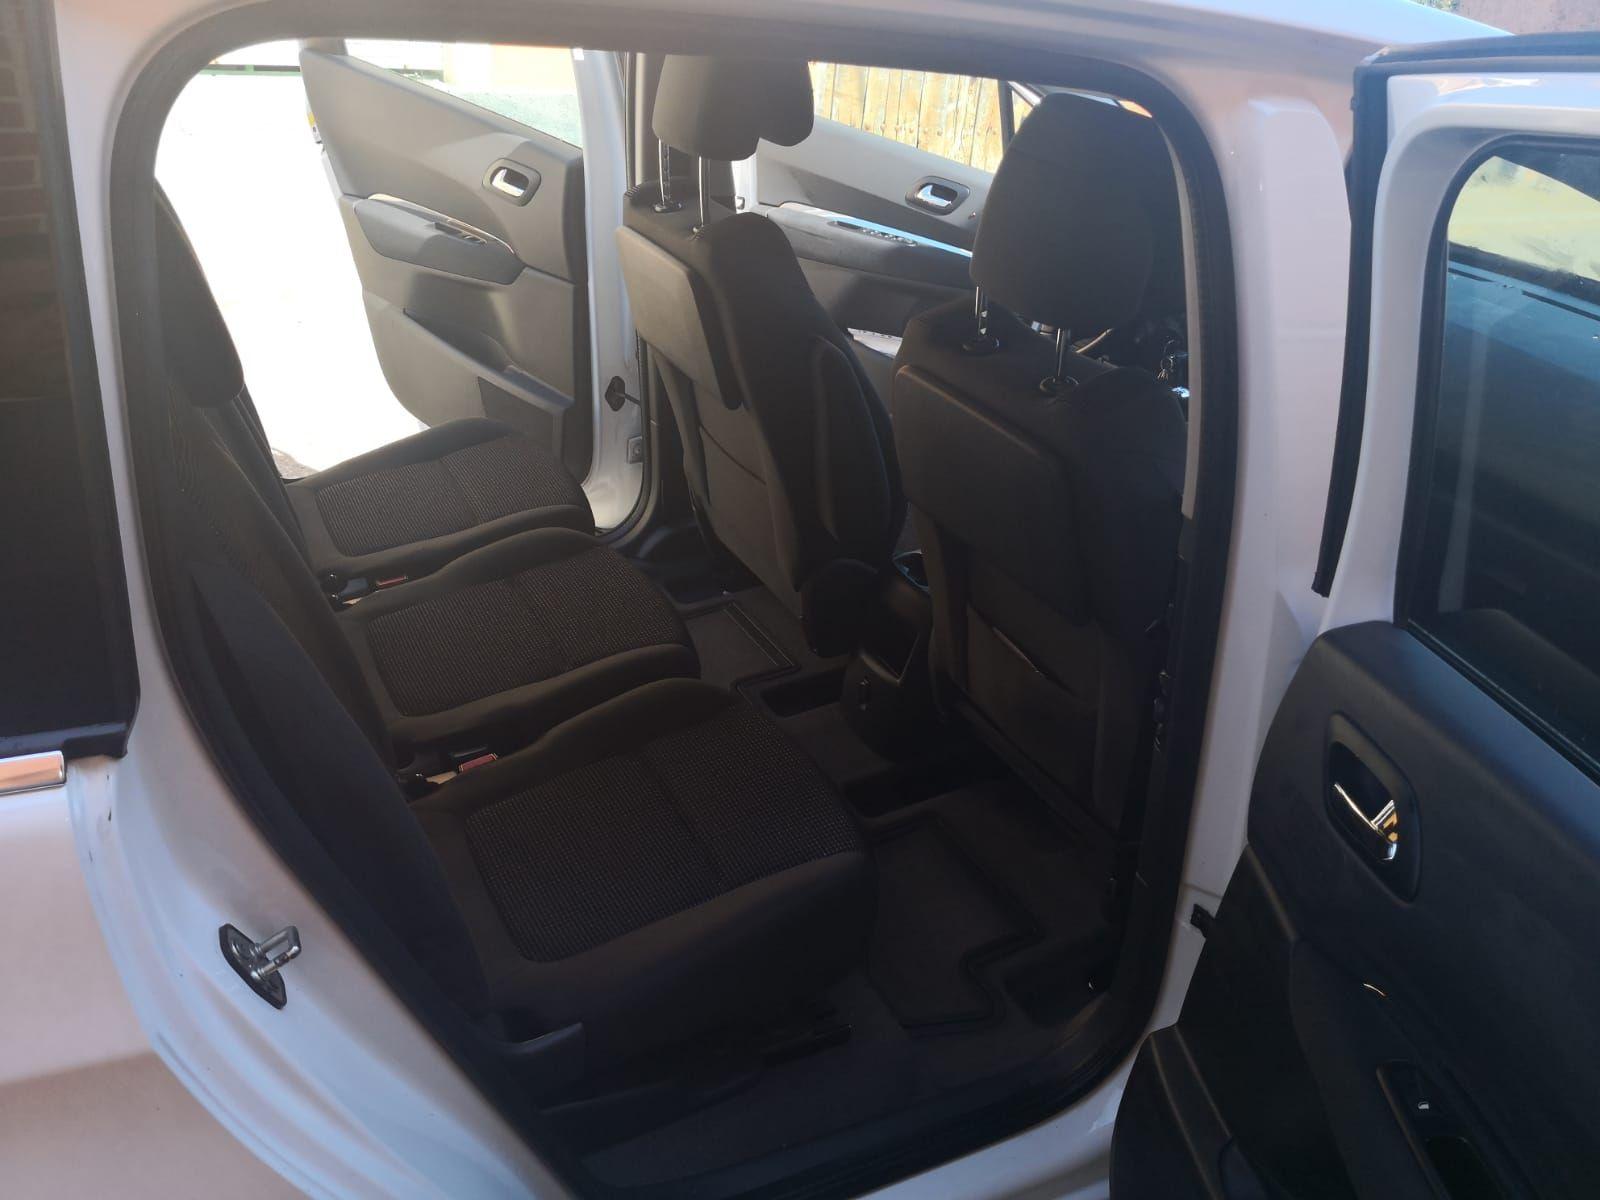 Reservar taxi Villanueva del Pardillo